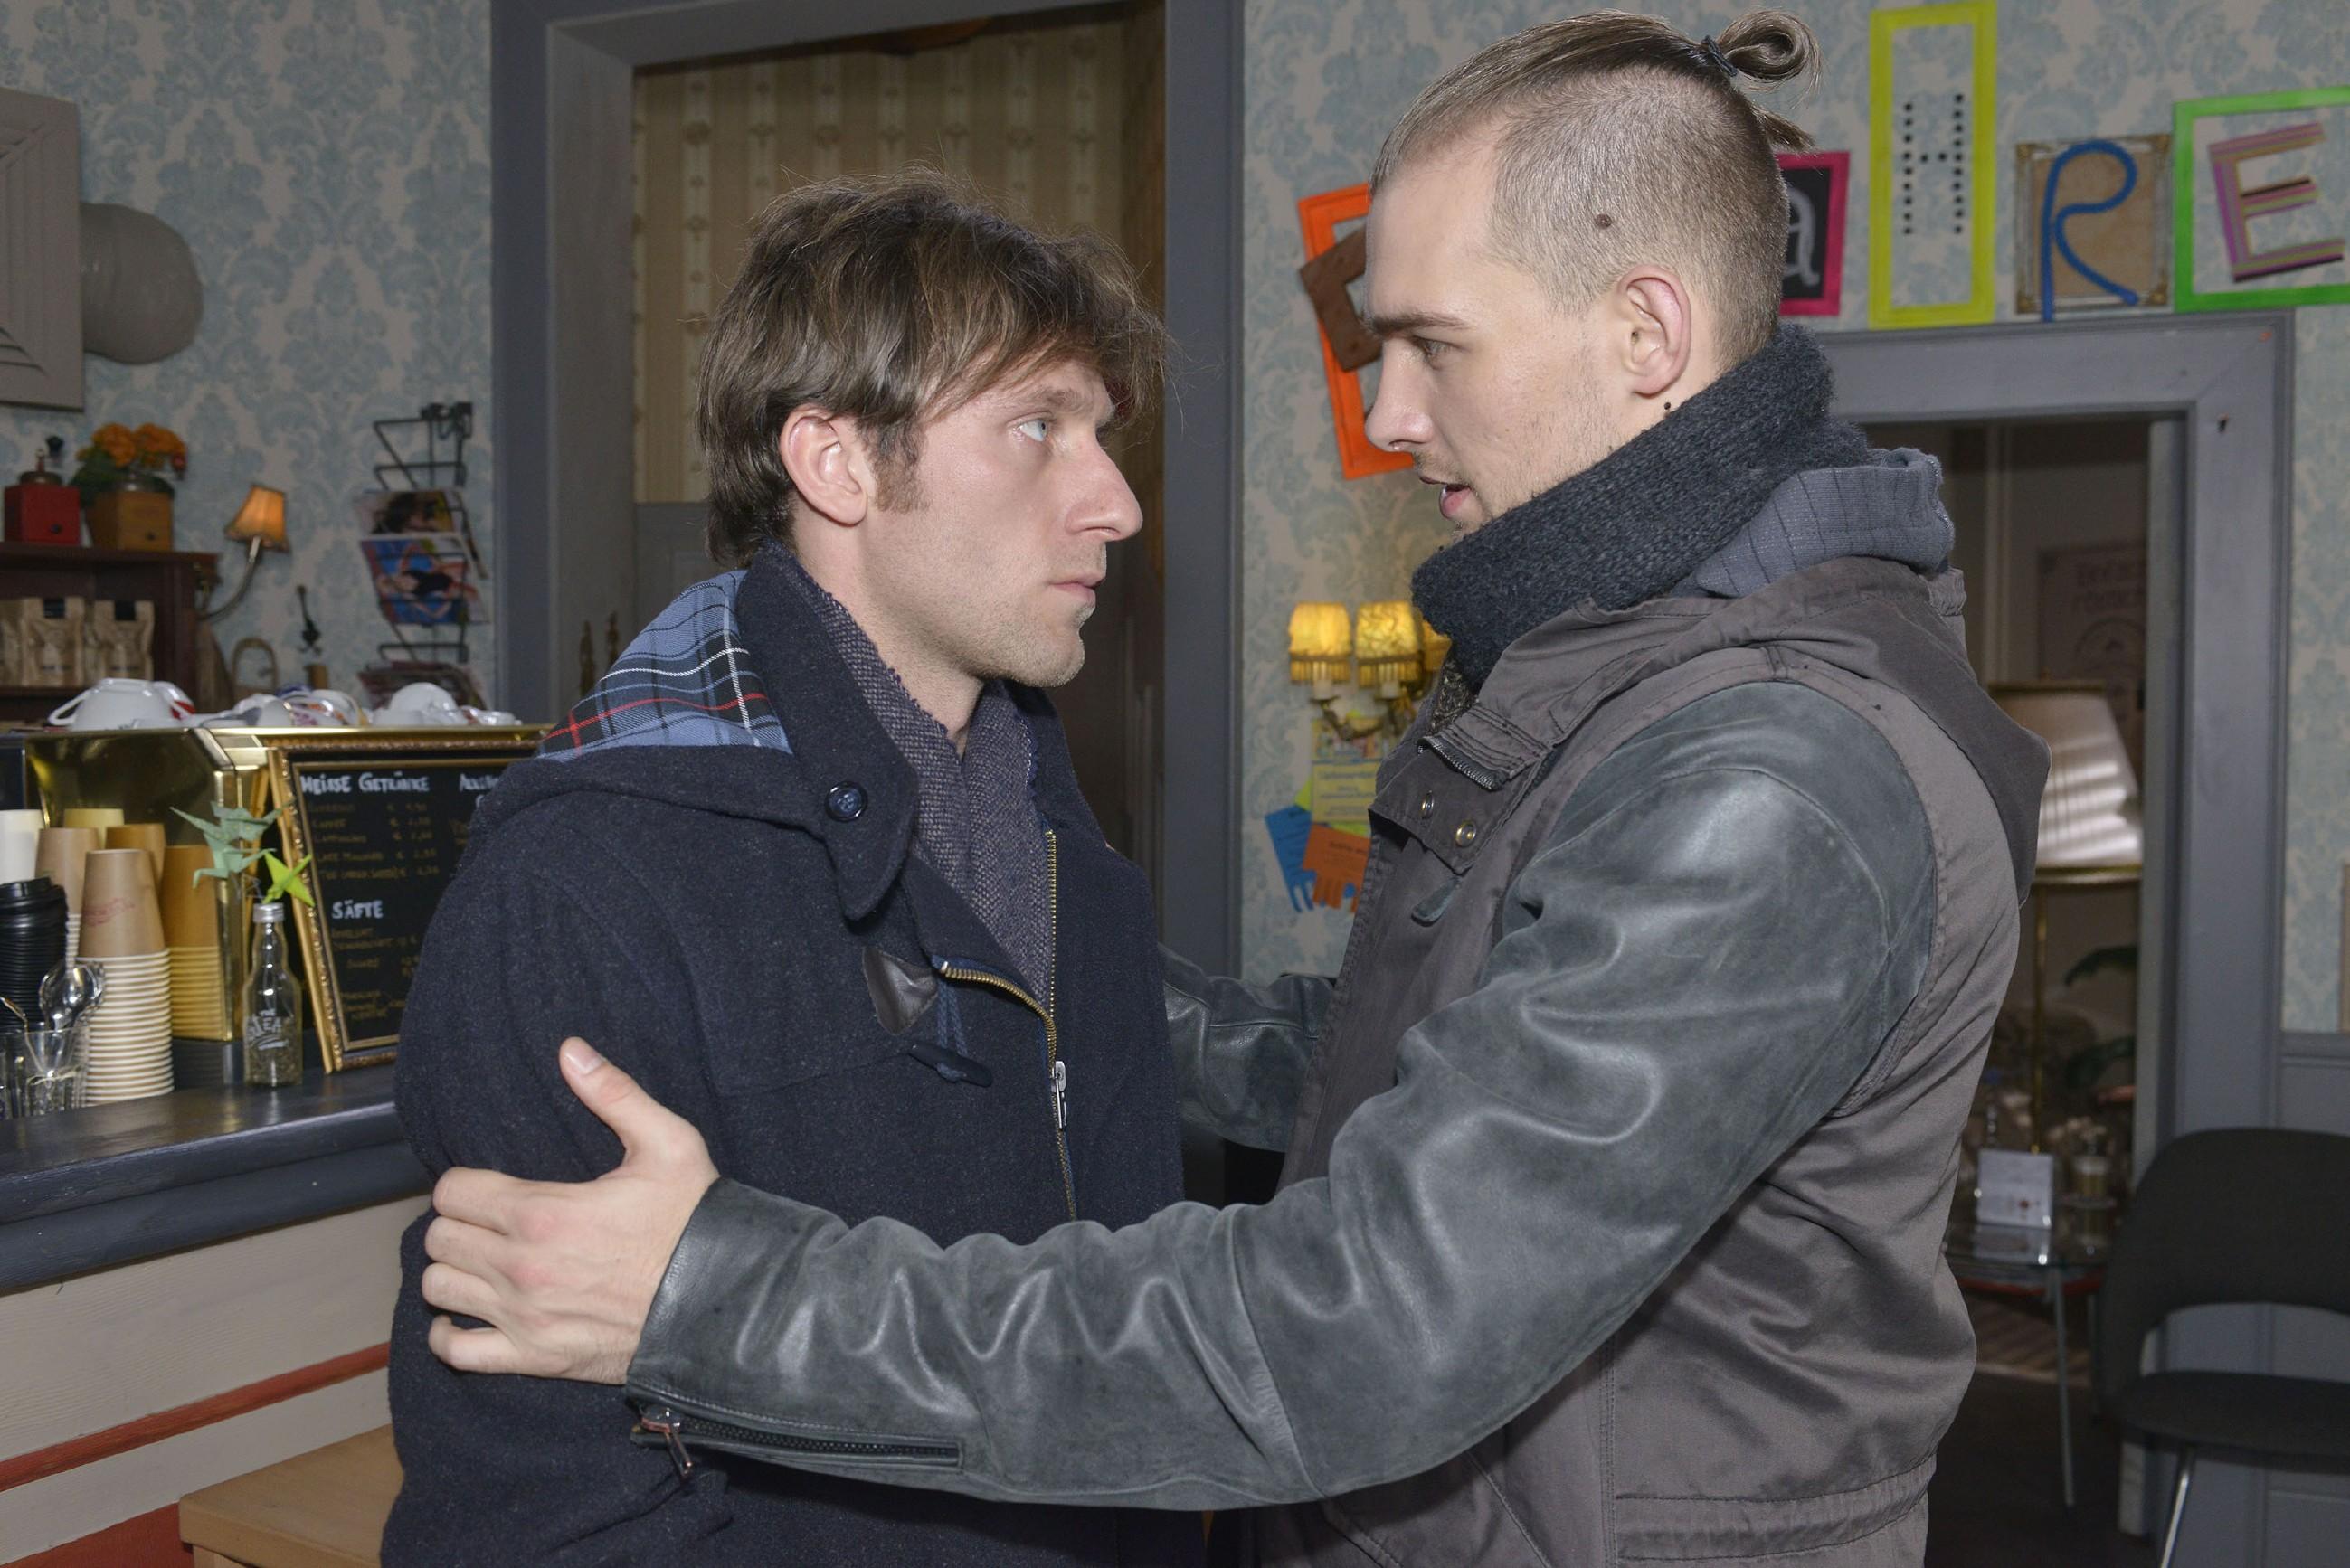 Till (Merlin Leonhardt, l.) ist dankbar, dass Chris (Eric Stehfest) ihm verspricht, jederzeit für ihn erreichbar zu sein. (Quelle: RTL / Rolf Baumgartner)